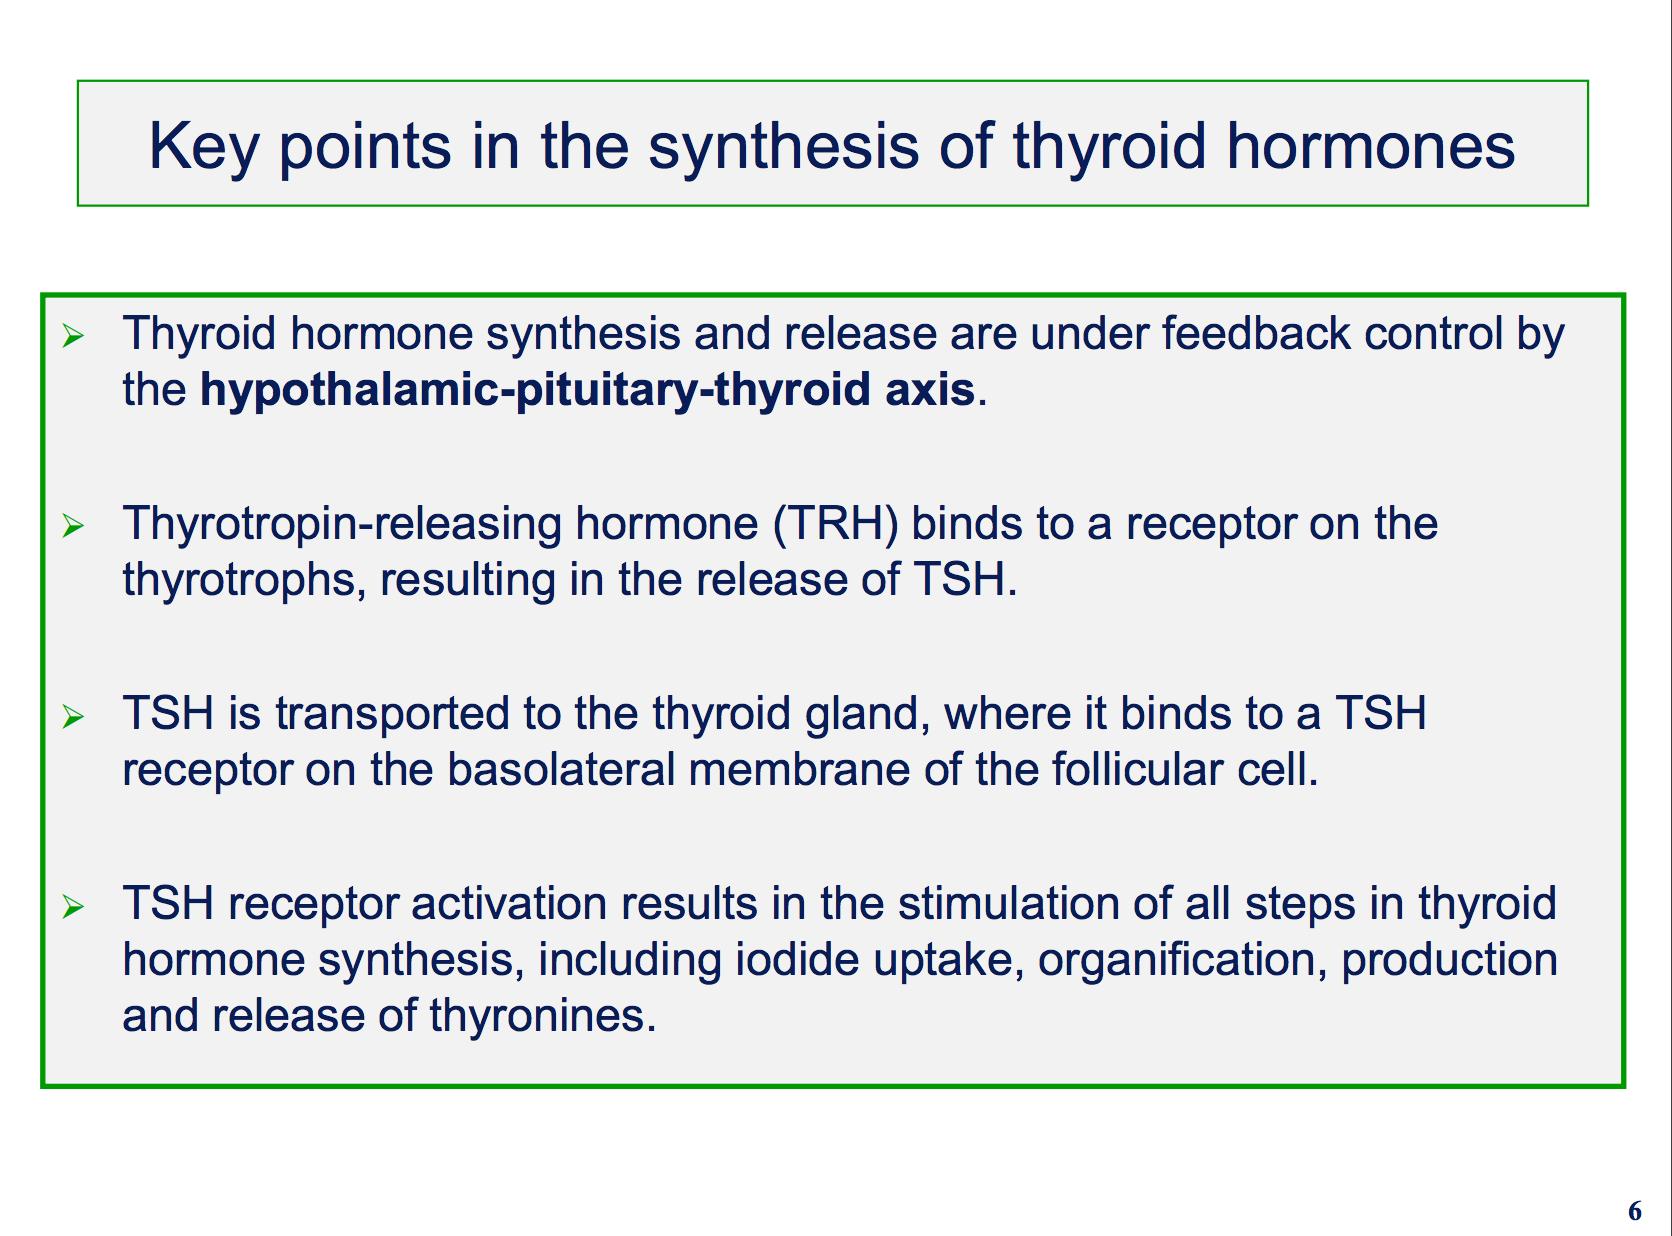 Physiology L29 30 Thyroid Gland Flashcards Memorang